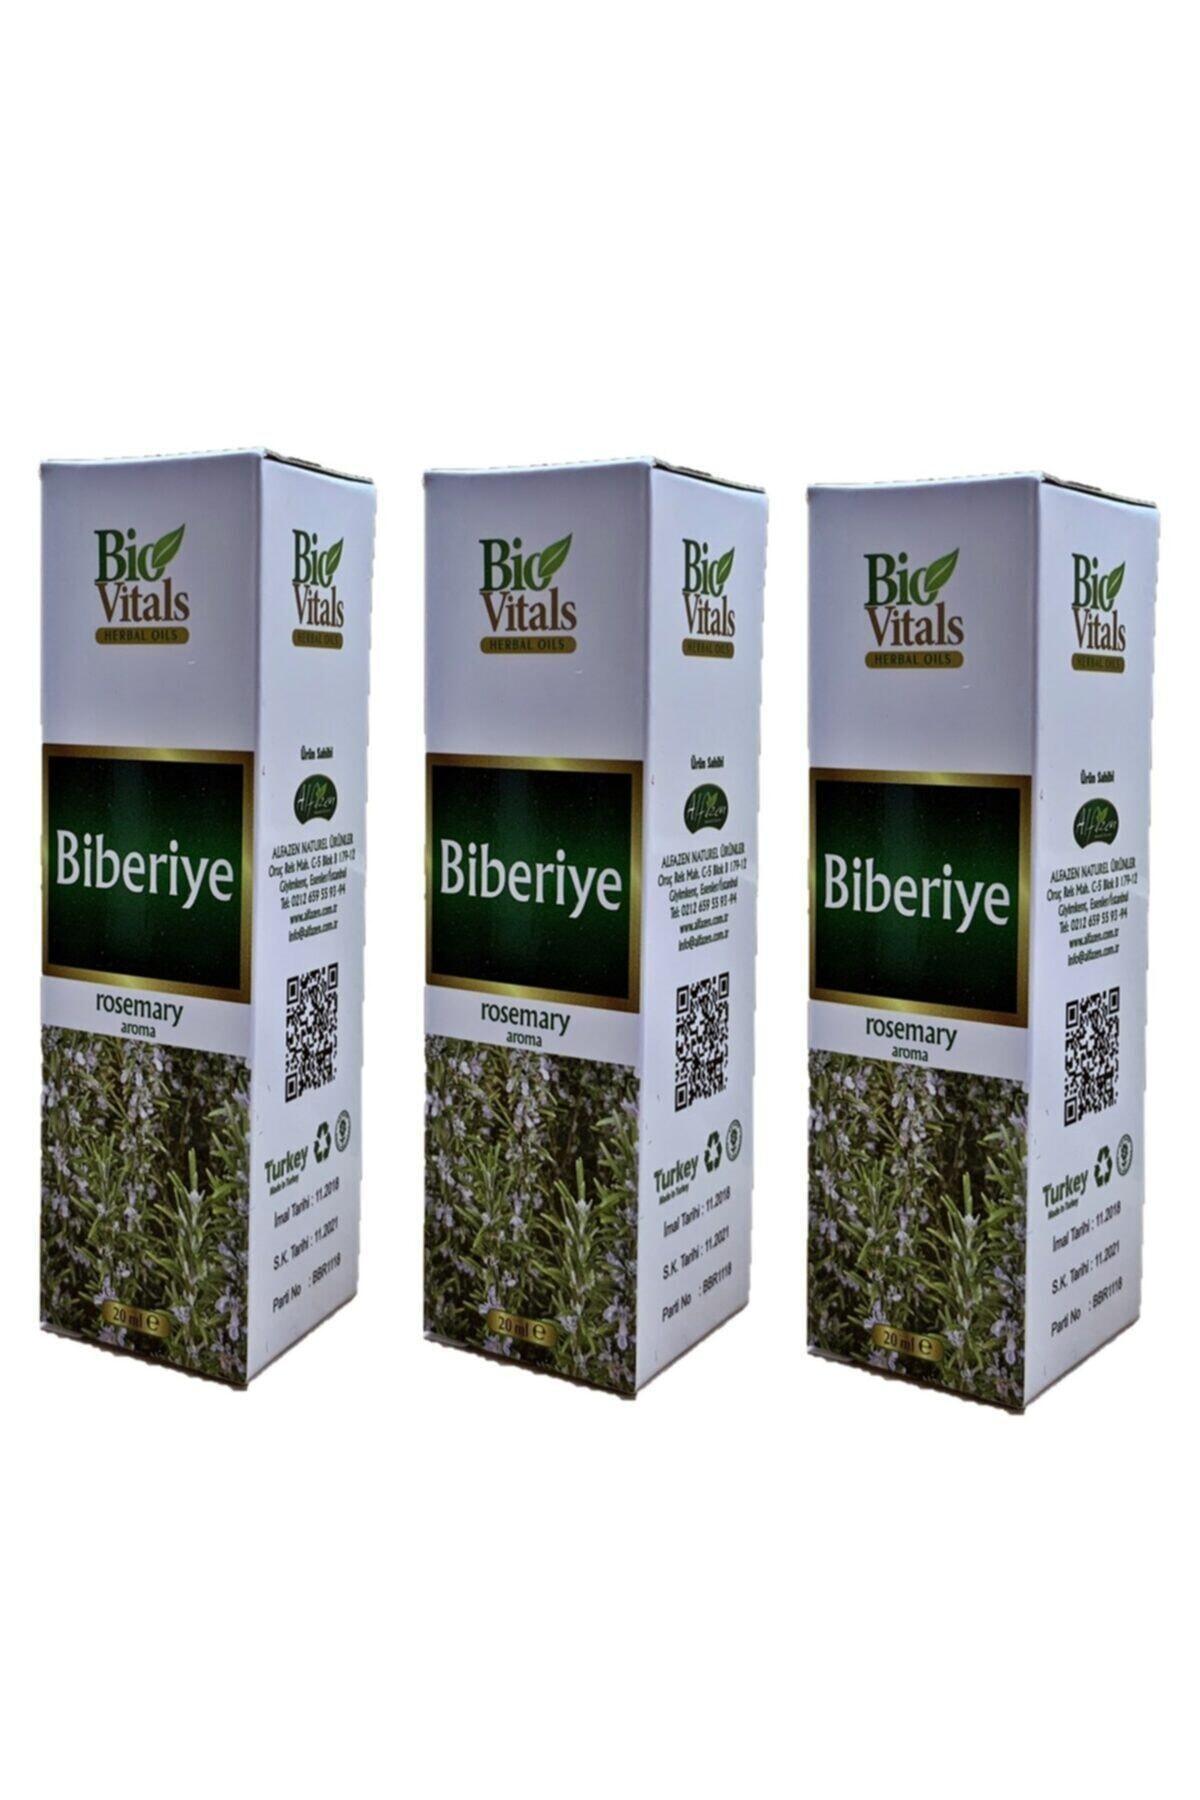 Bio Vitals Biberiye Yağı Yağı 20 ml 3 Adet 1